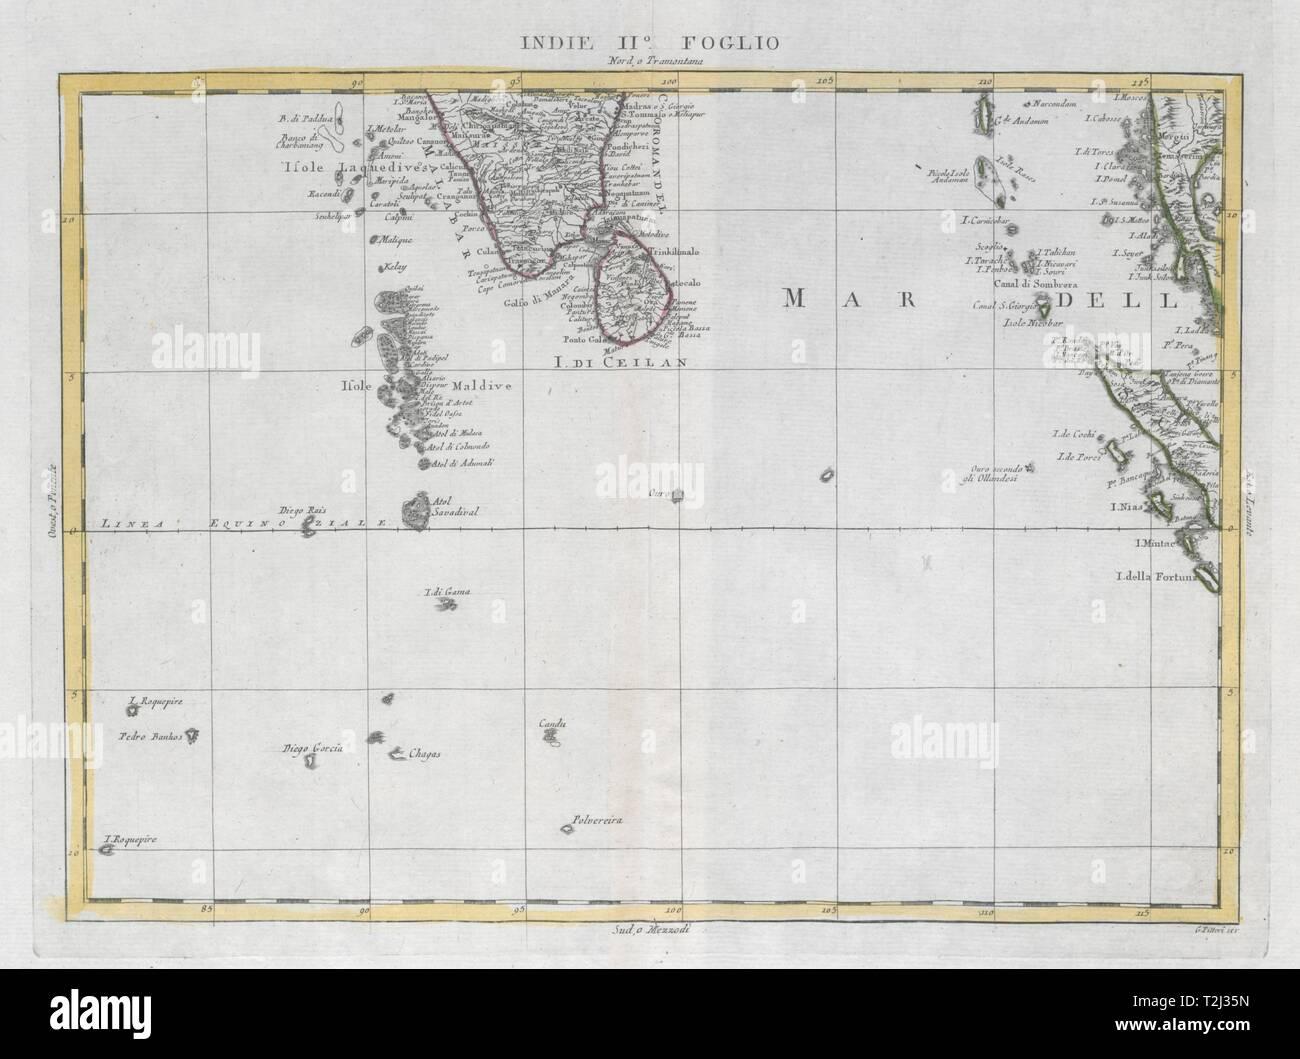 """""""Indie Foglio II"""". Eastern Indian Ocean. Maldives Sumatra Mergui. ZATTA 1785 map Stock Photo"""